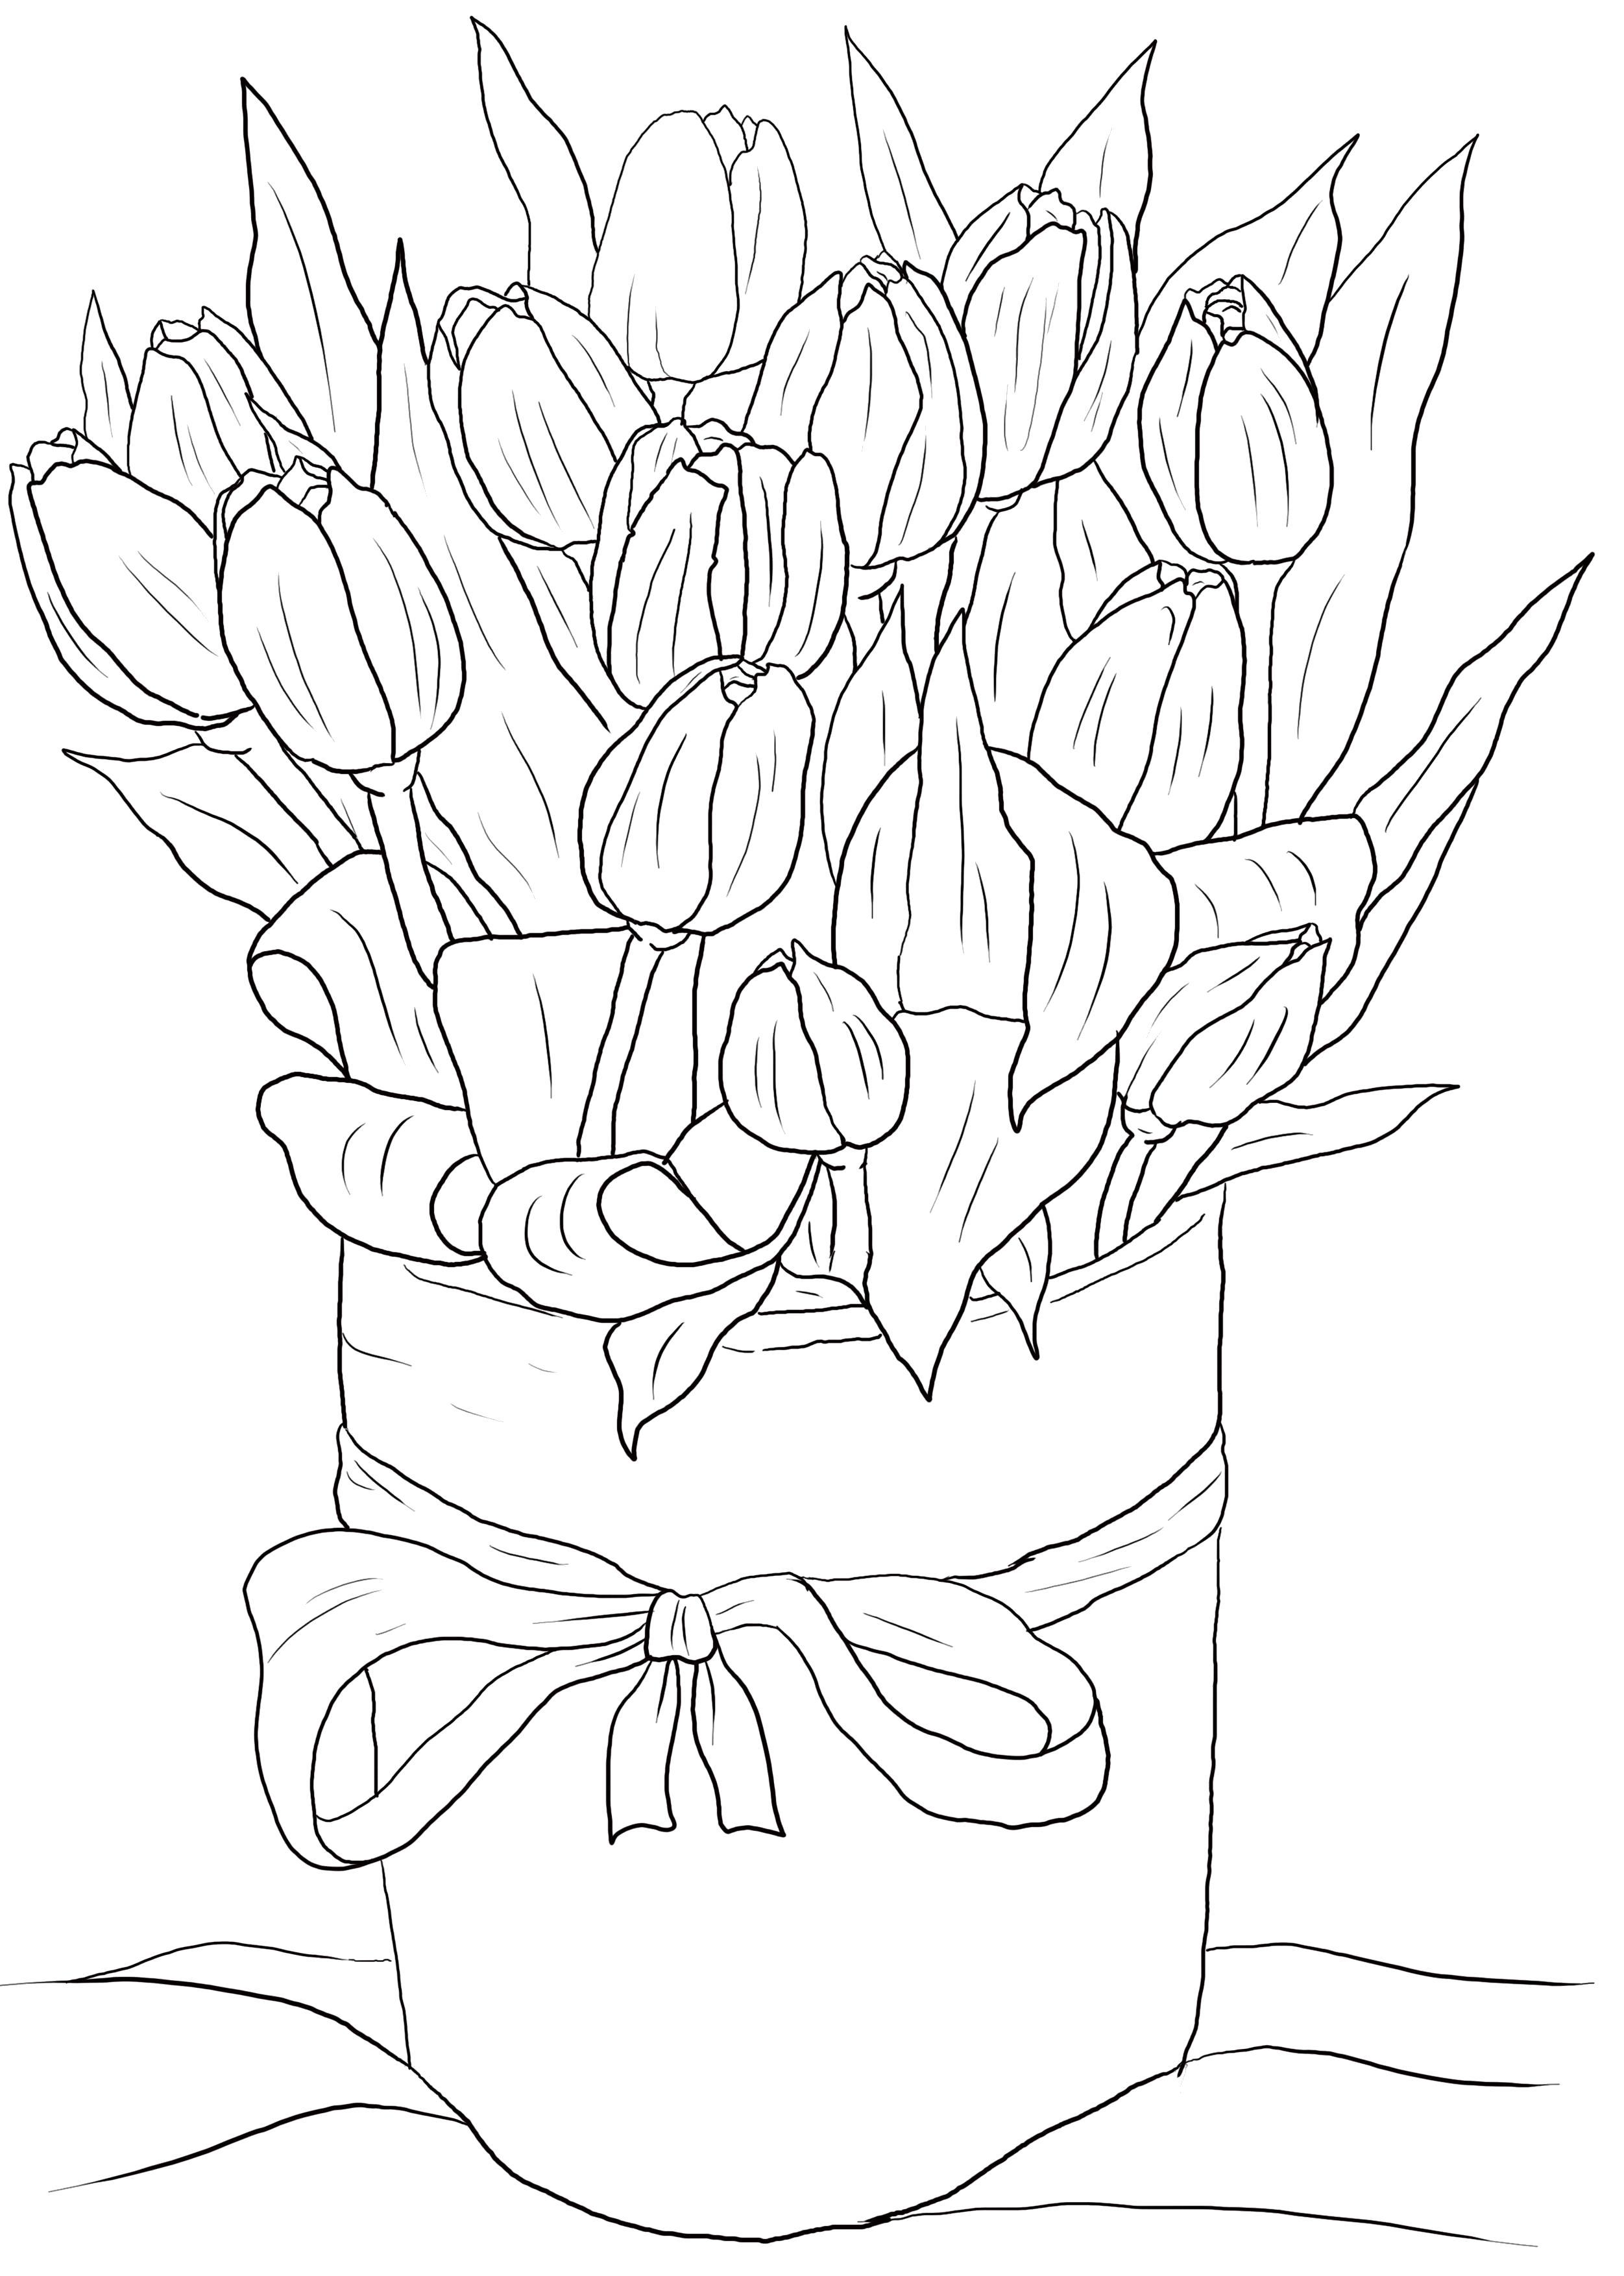 Раскраска букет цветов. Скачать 8 марта.  Распечатать 8 марта